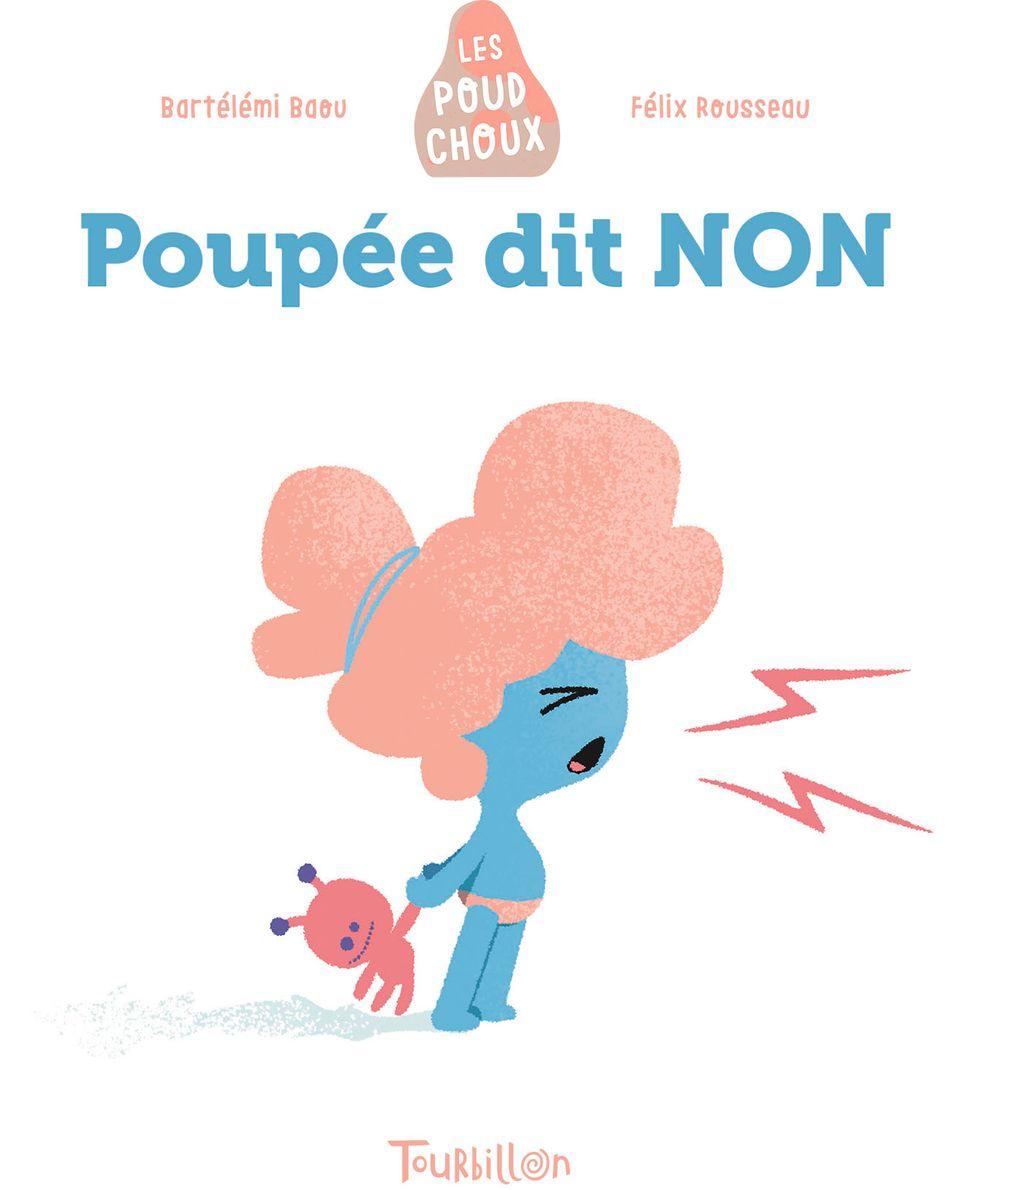 «Poupée dit NON – Poudchoux» cover